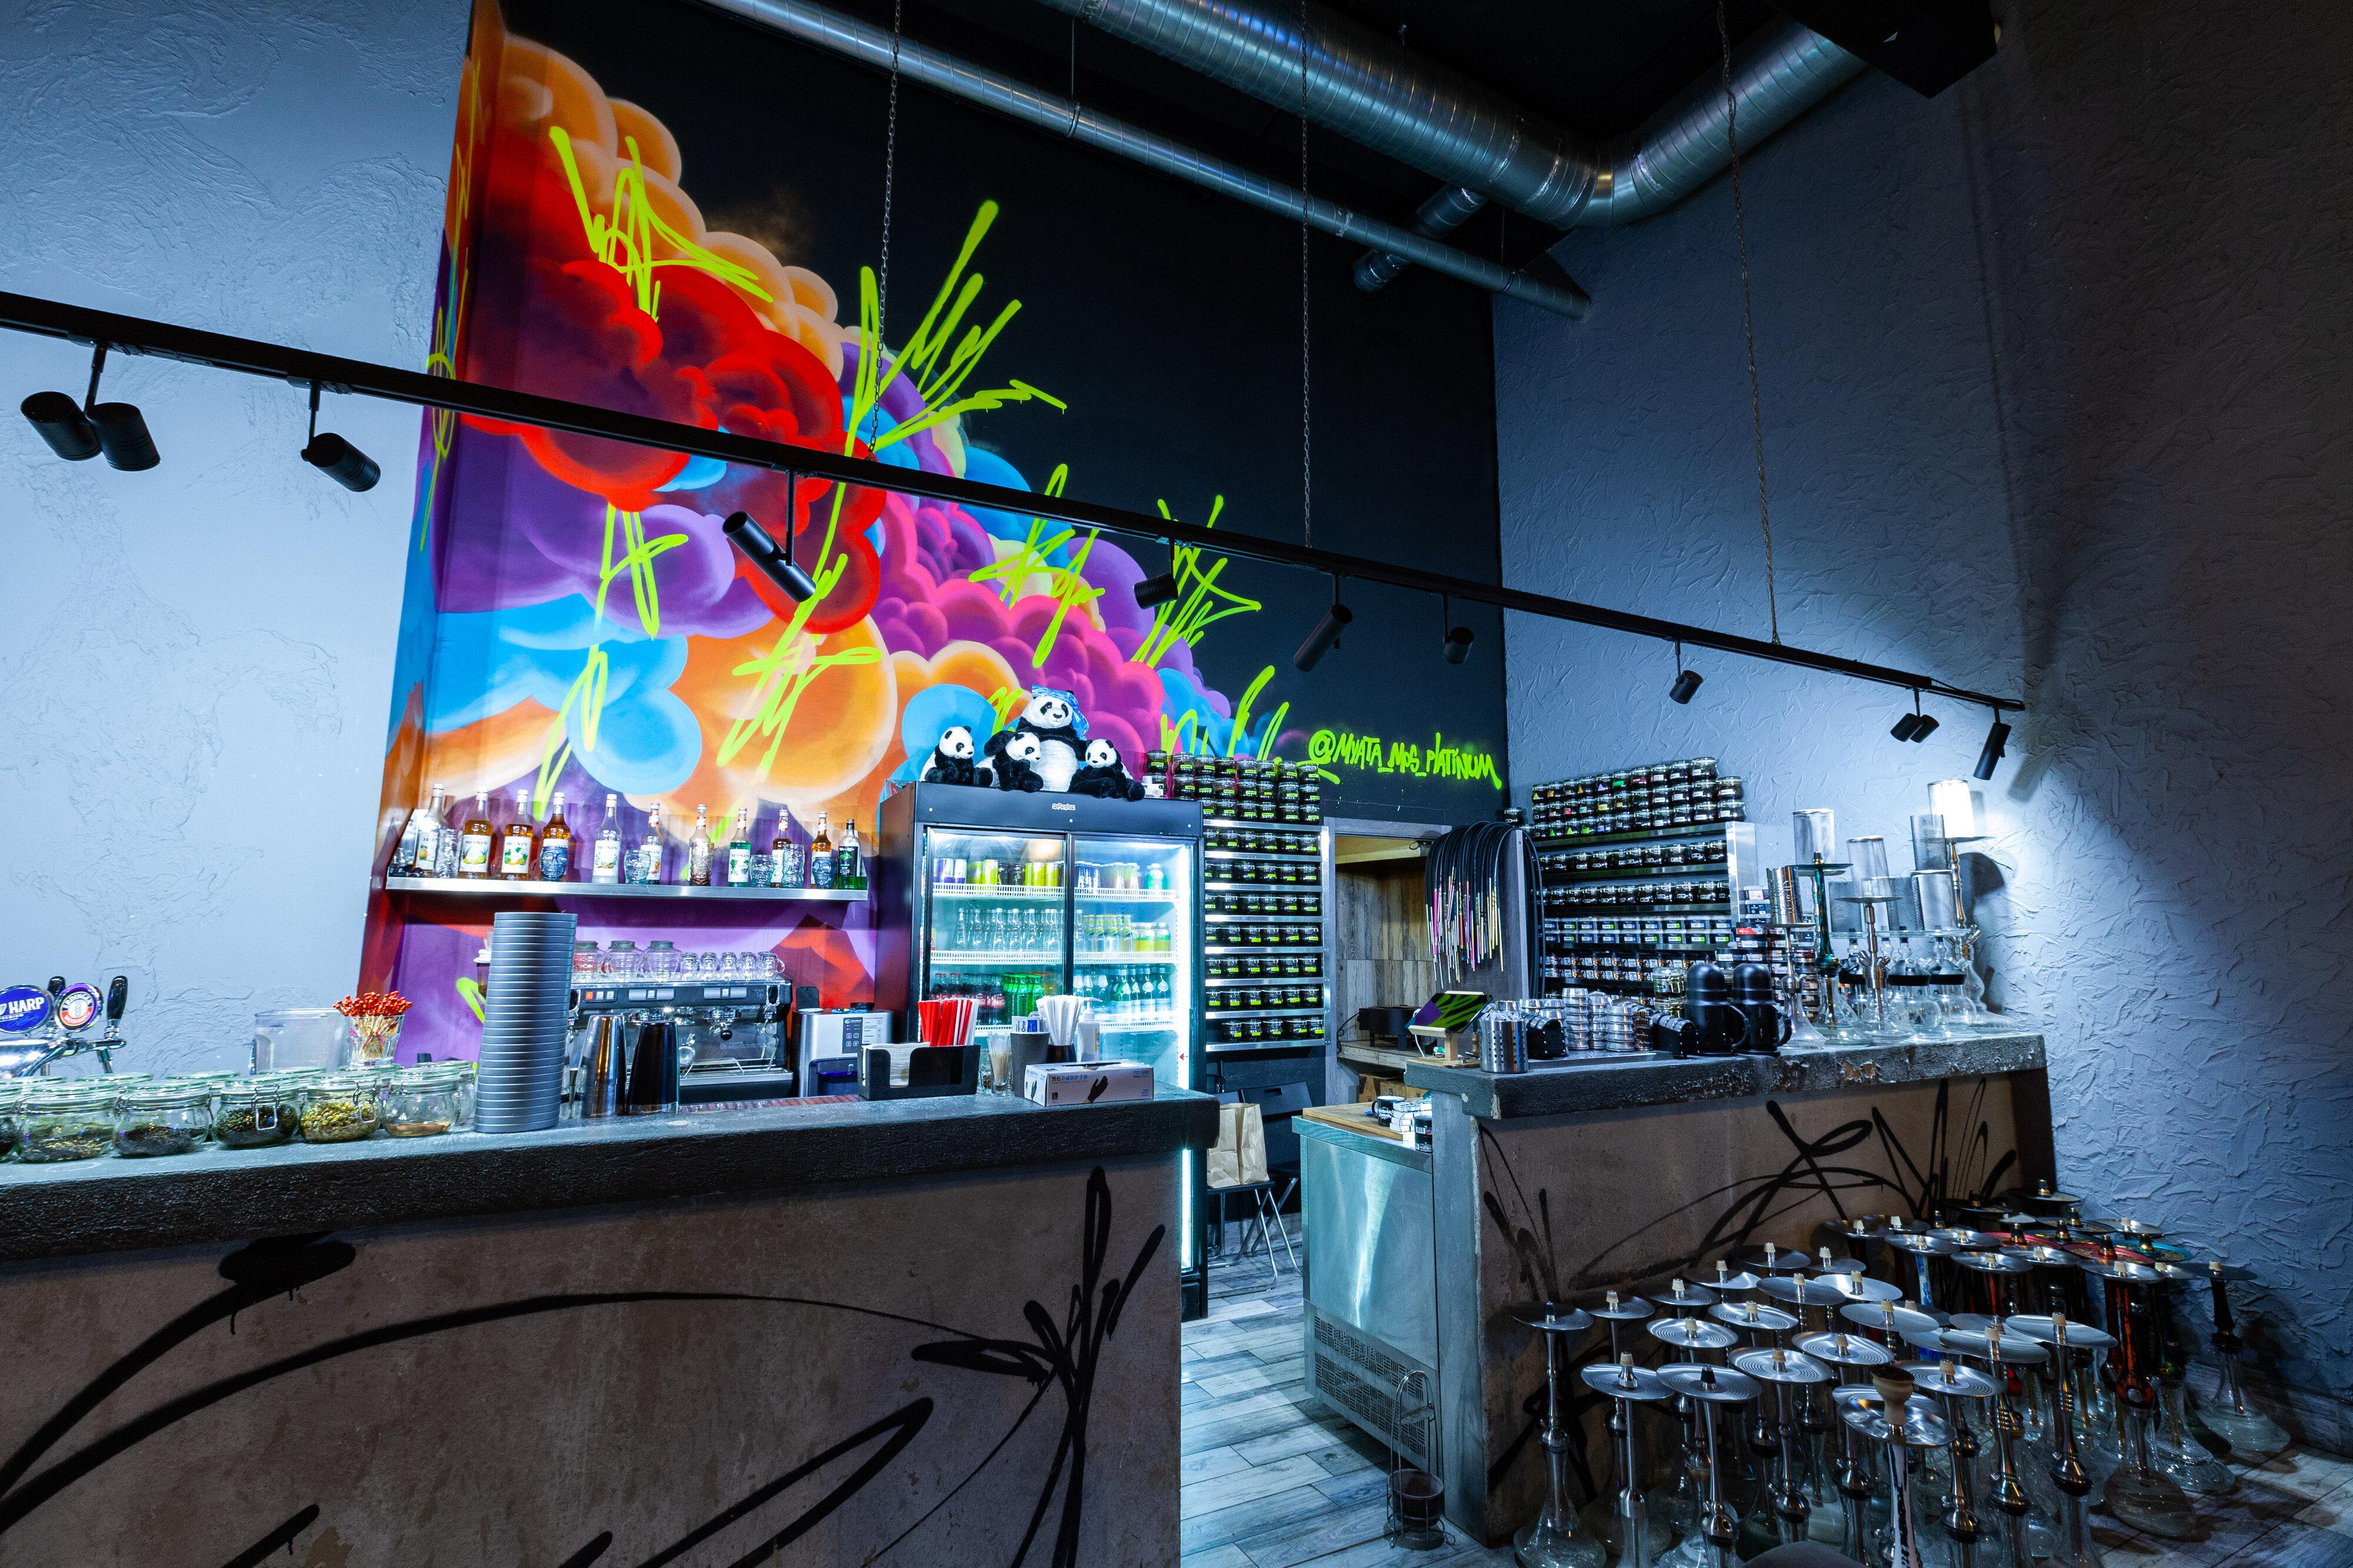 Пк клубы в москве рядом со мной ночной клуб фабрик официальный сайт